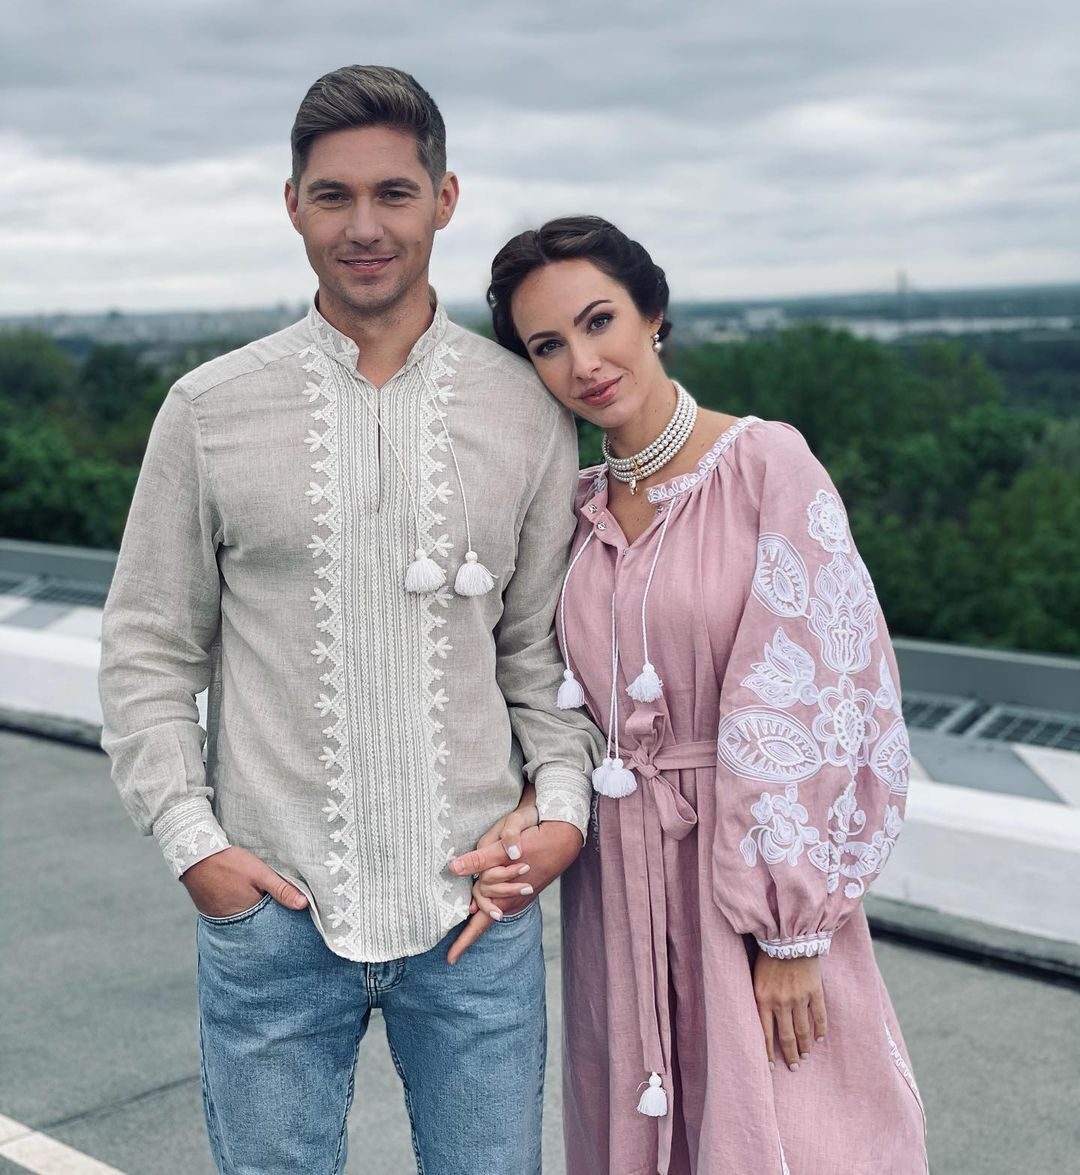 Остапчук с женой Кристиной.